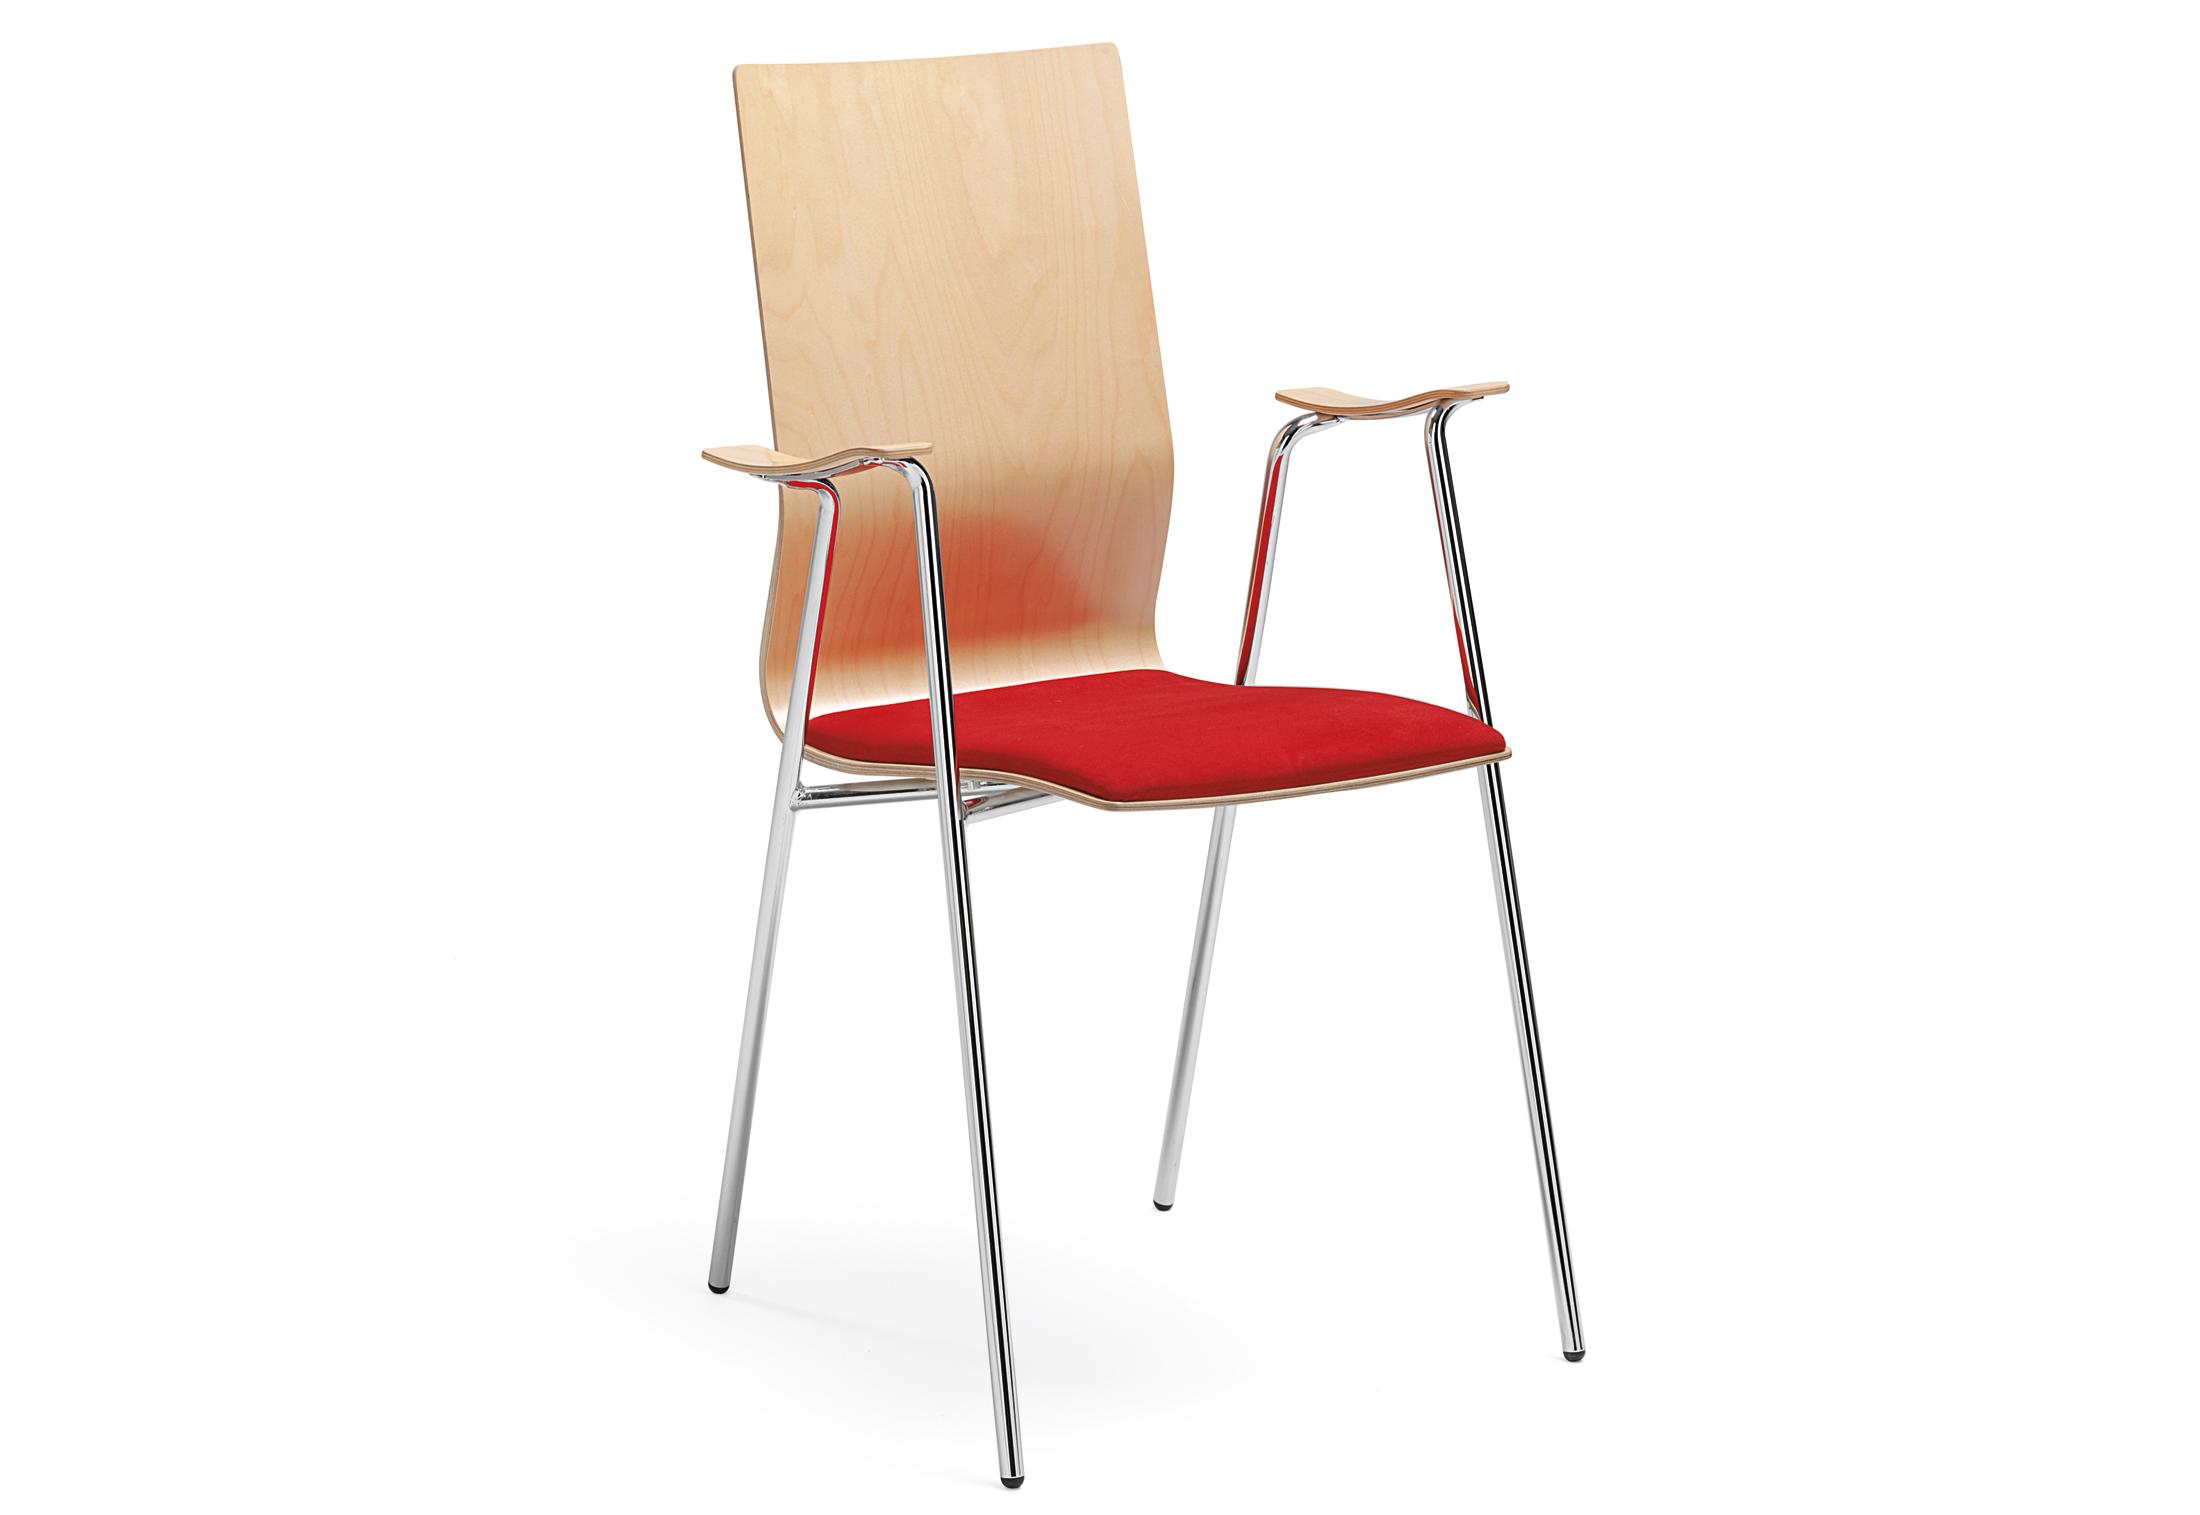 adam stuhl mit armlehne gepolstert von materia stylepark. Black Bedroom Furniture Sets. Home Design Ideas